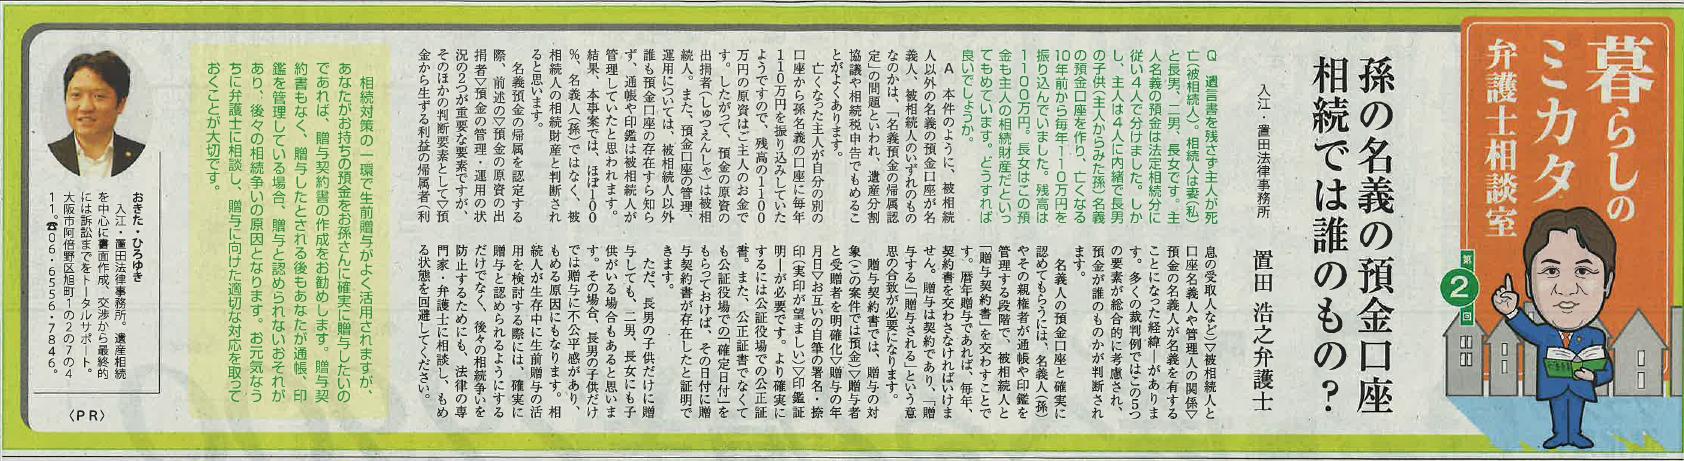 当事務所の置田弁護士が、2017年4月28日付の産経新聞夕刊に掲載されました。